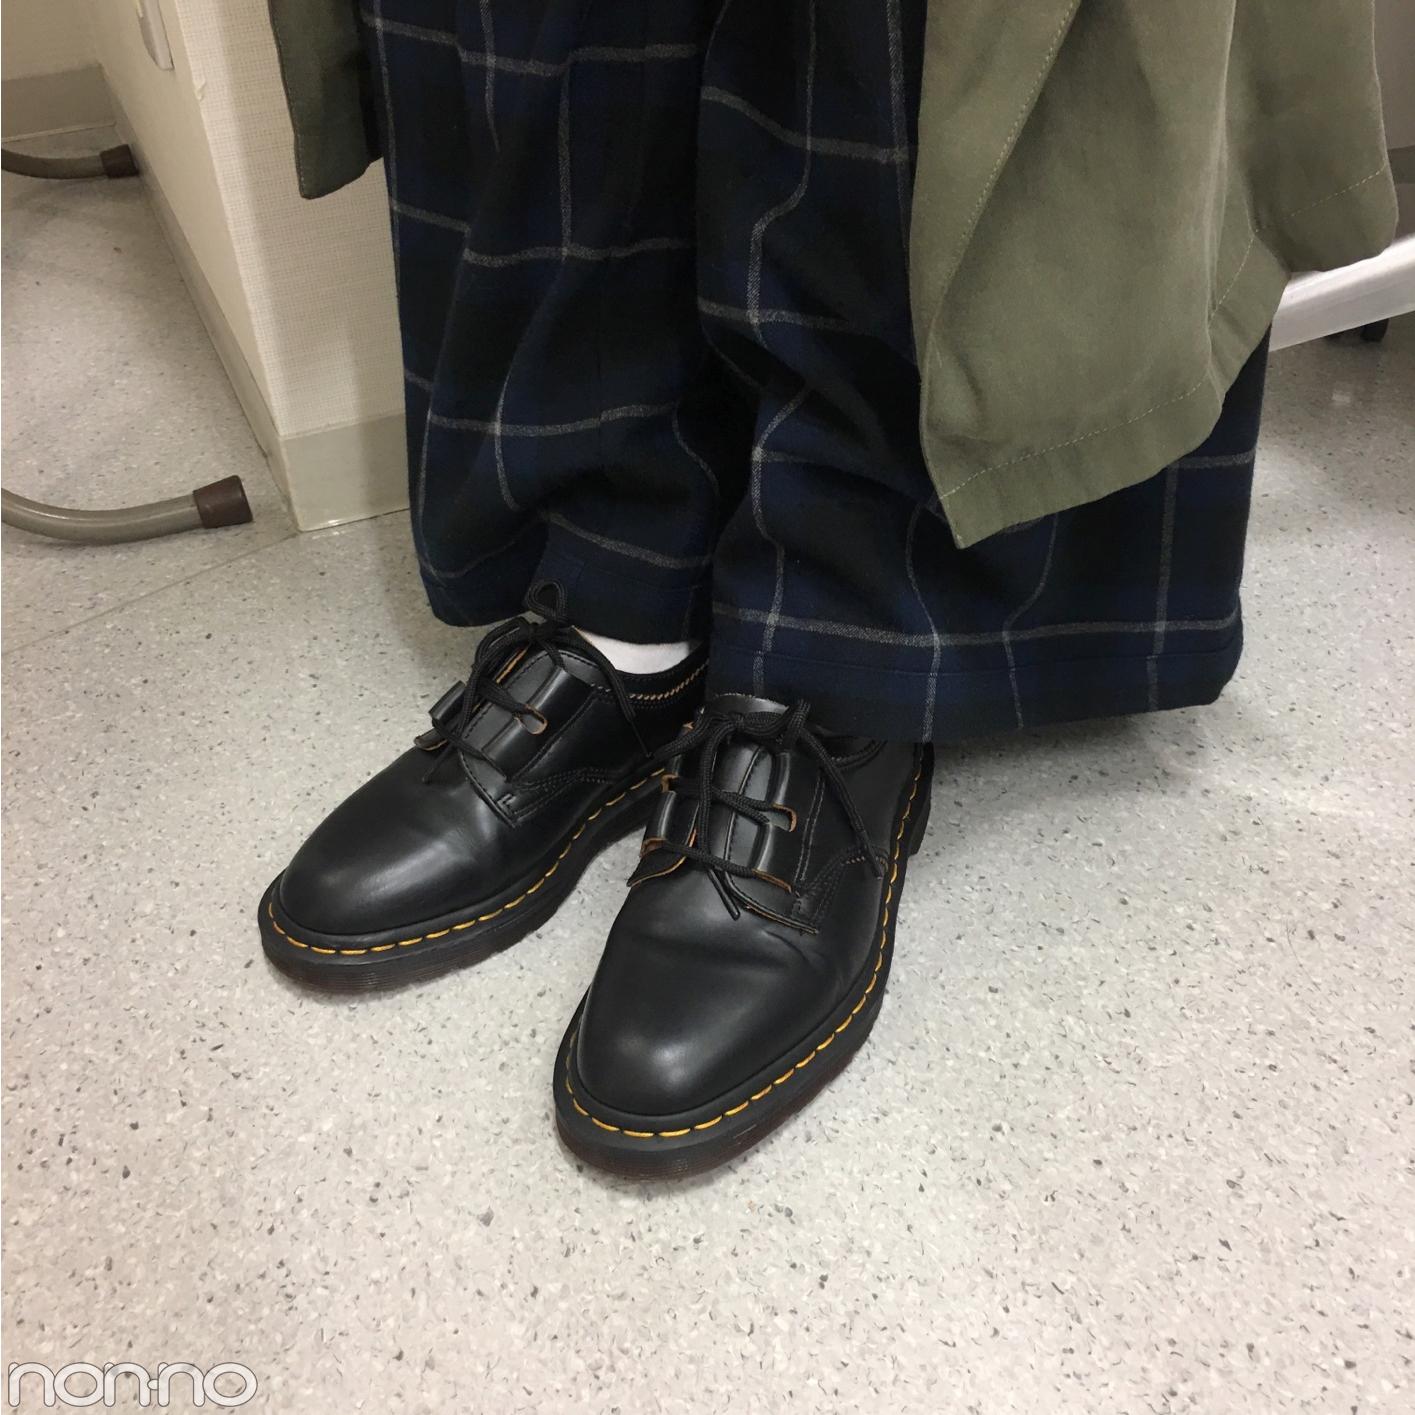 鈴木友菜はチェルシーのコートで秋色ゆるコーデ♡【モデルの私服】_1_2-3